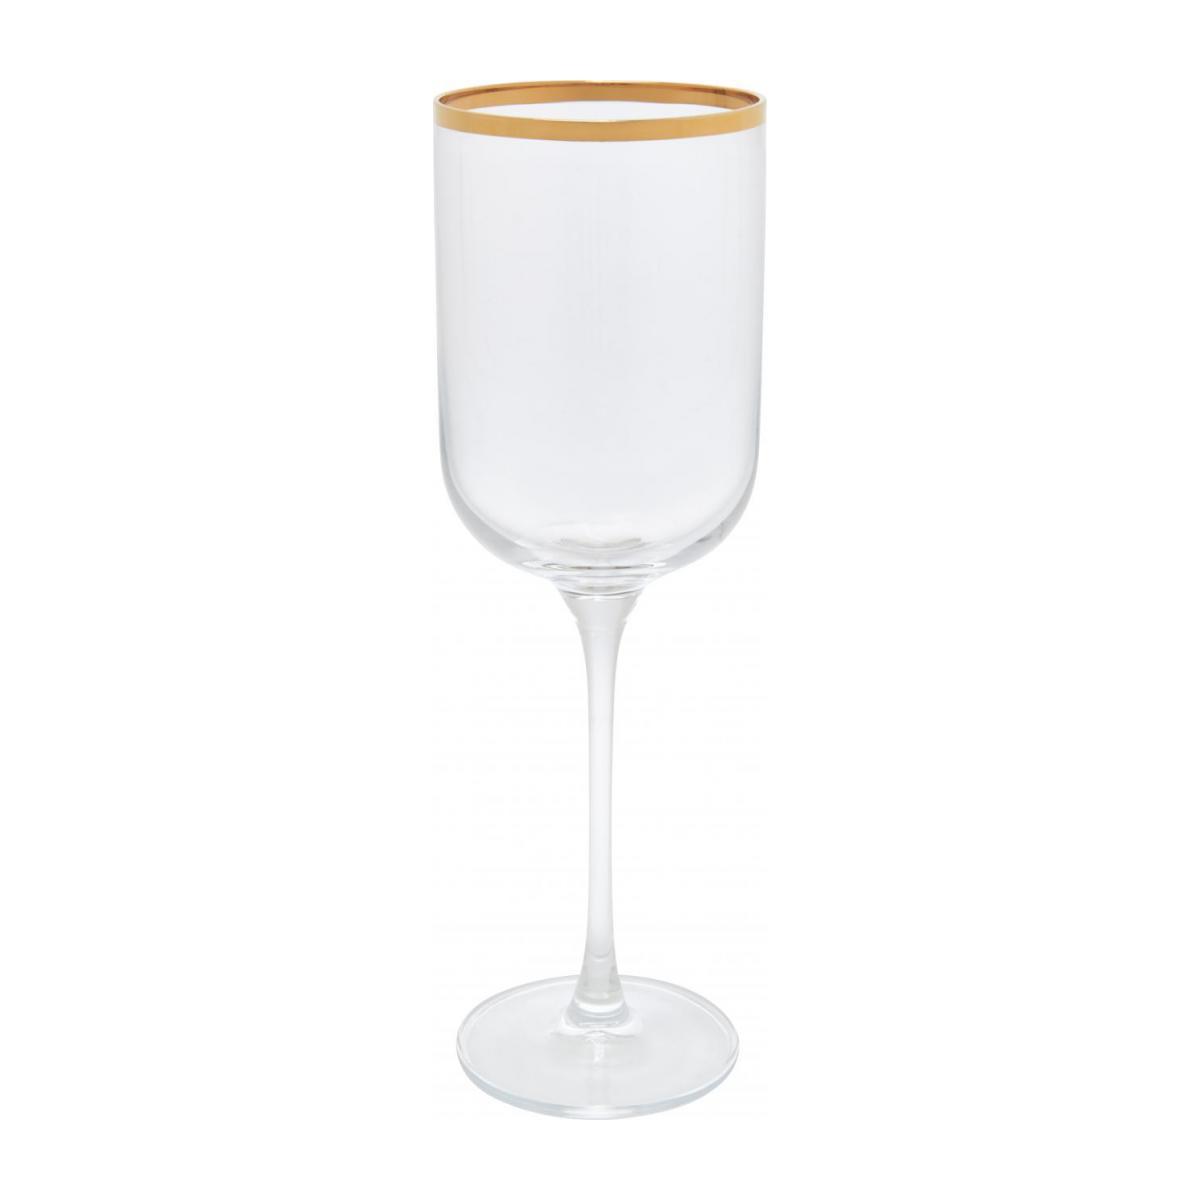 verre à vin bordure dorée